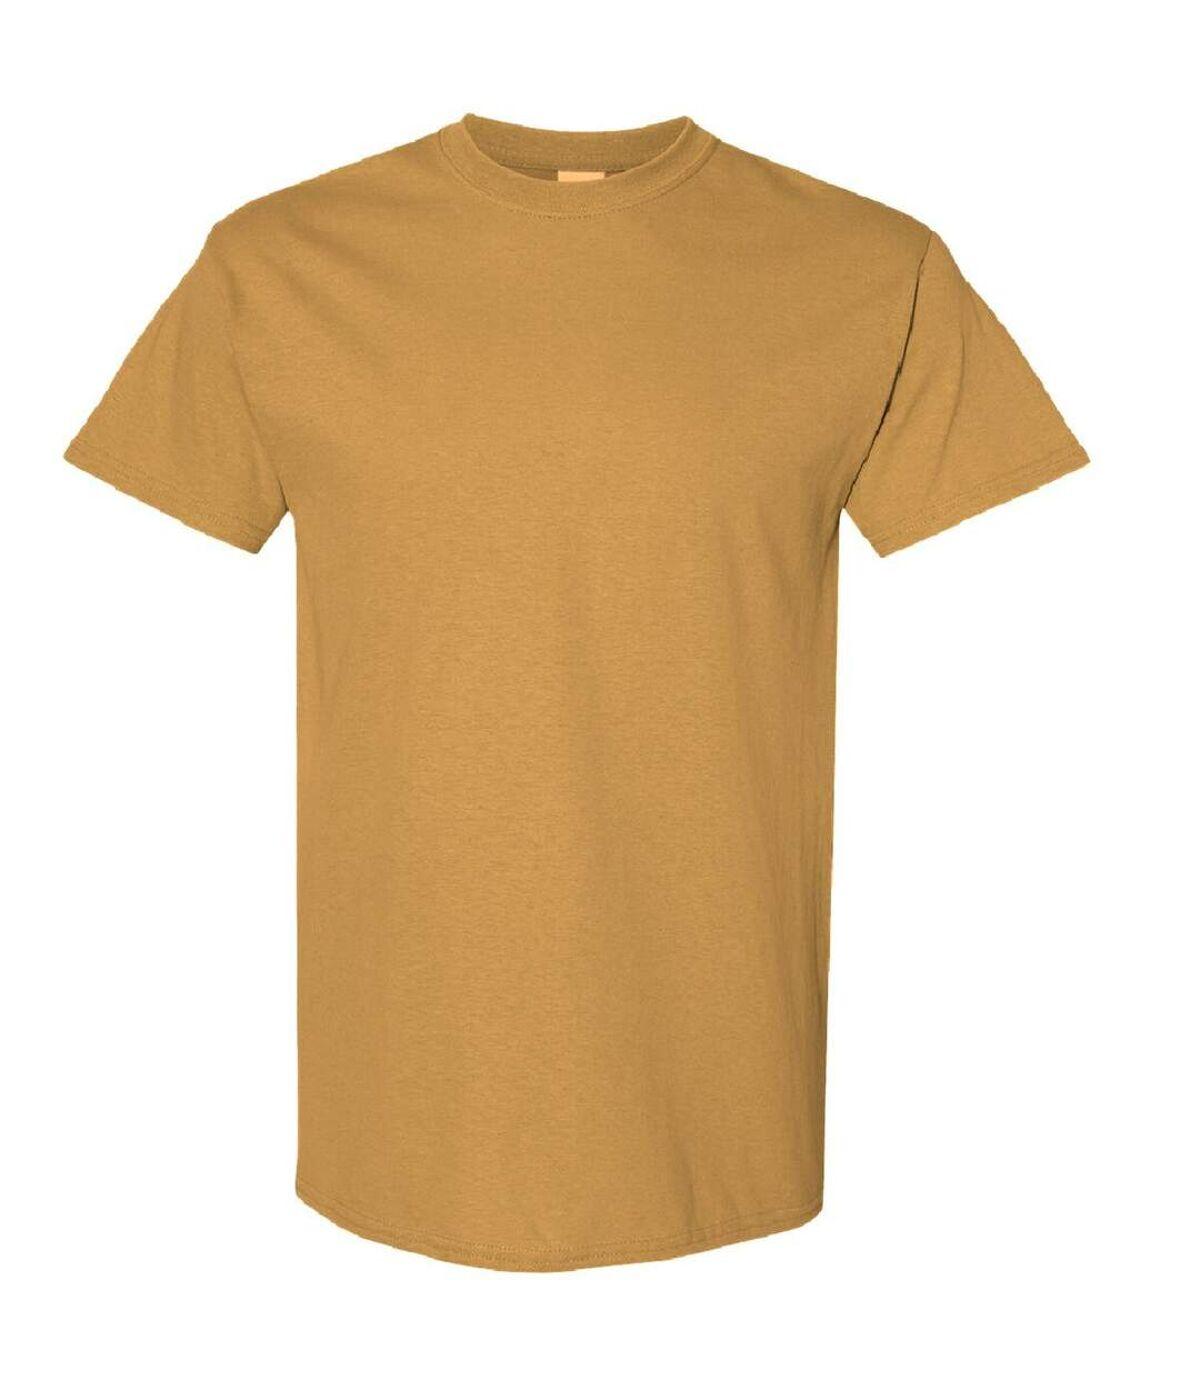 Gildan - T-shirts manches courtes - Hommes (Jaune foncé) - UTBC4807